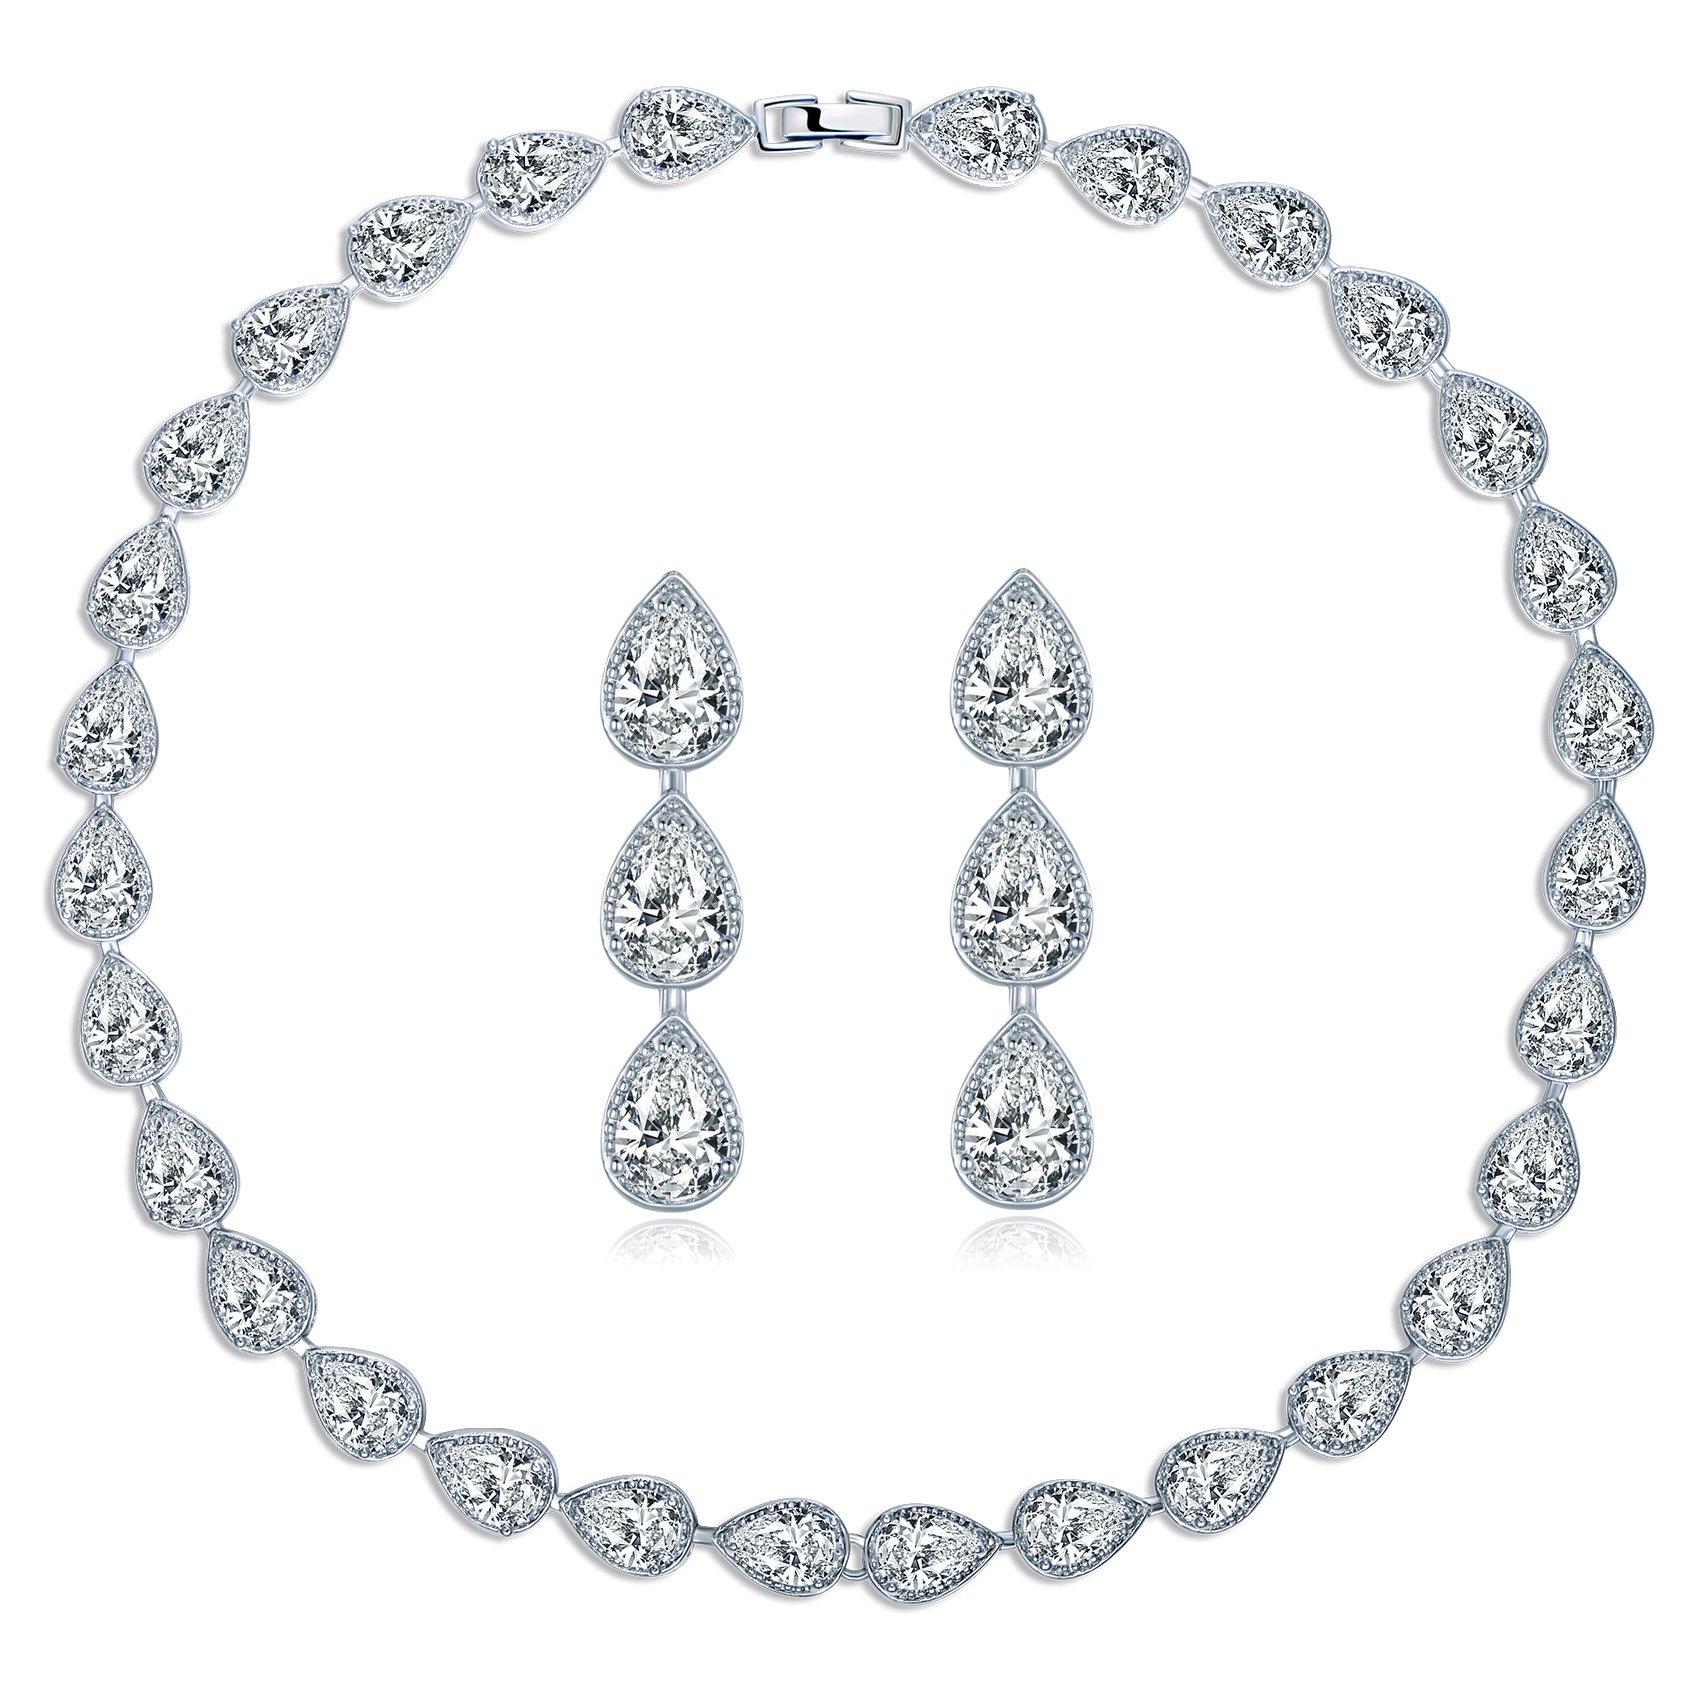 MASOP Water Drop Crystal Statement Choker Necklace Earrings Sets for Women Wedding Jewelry